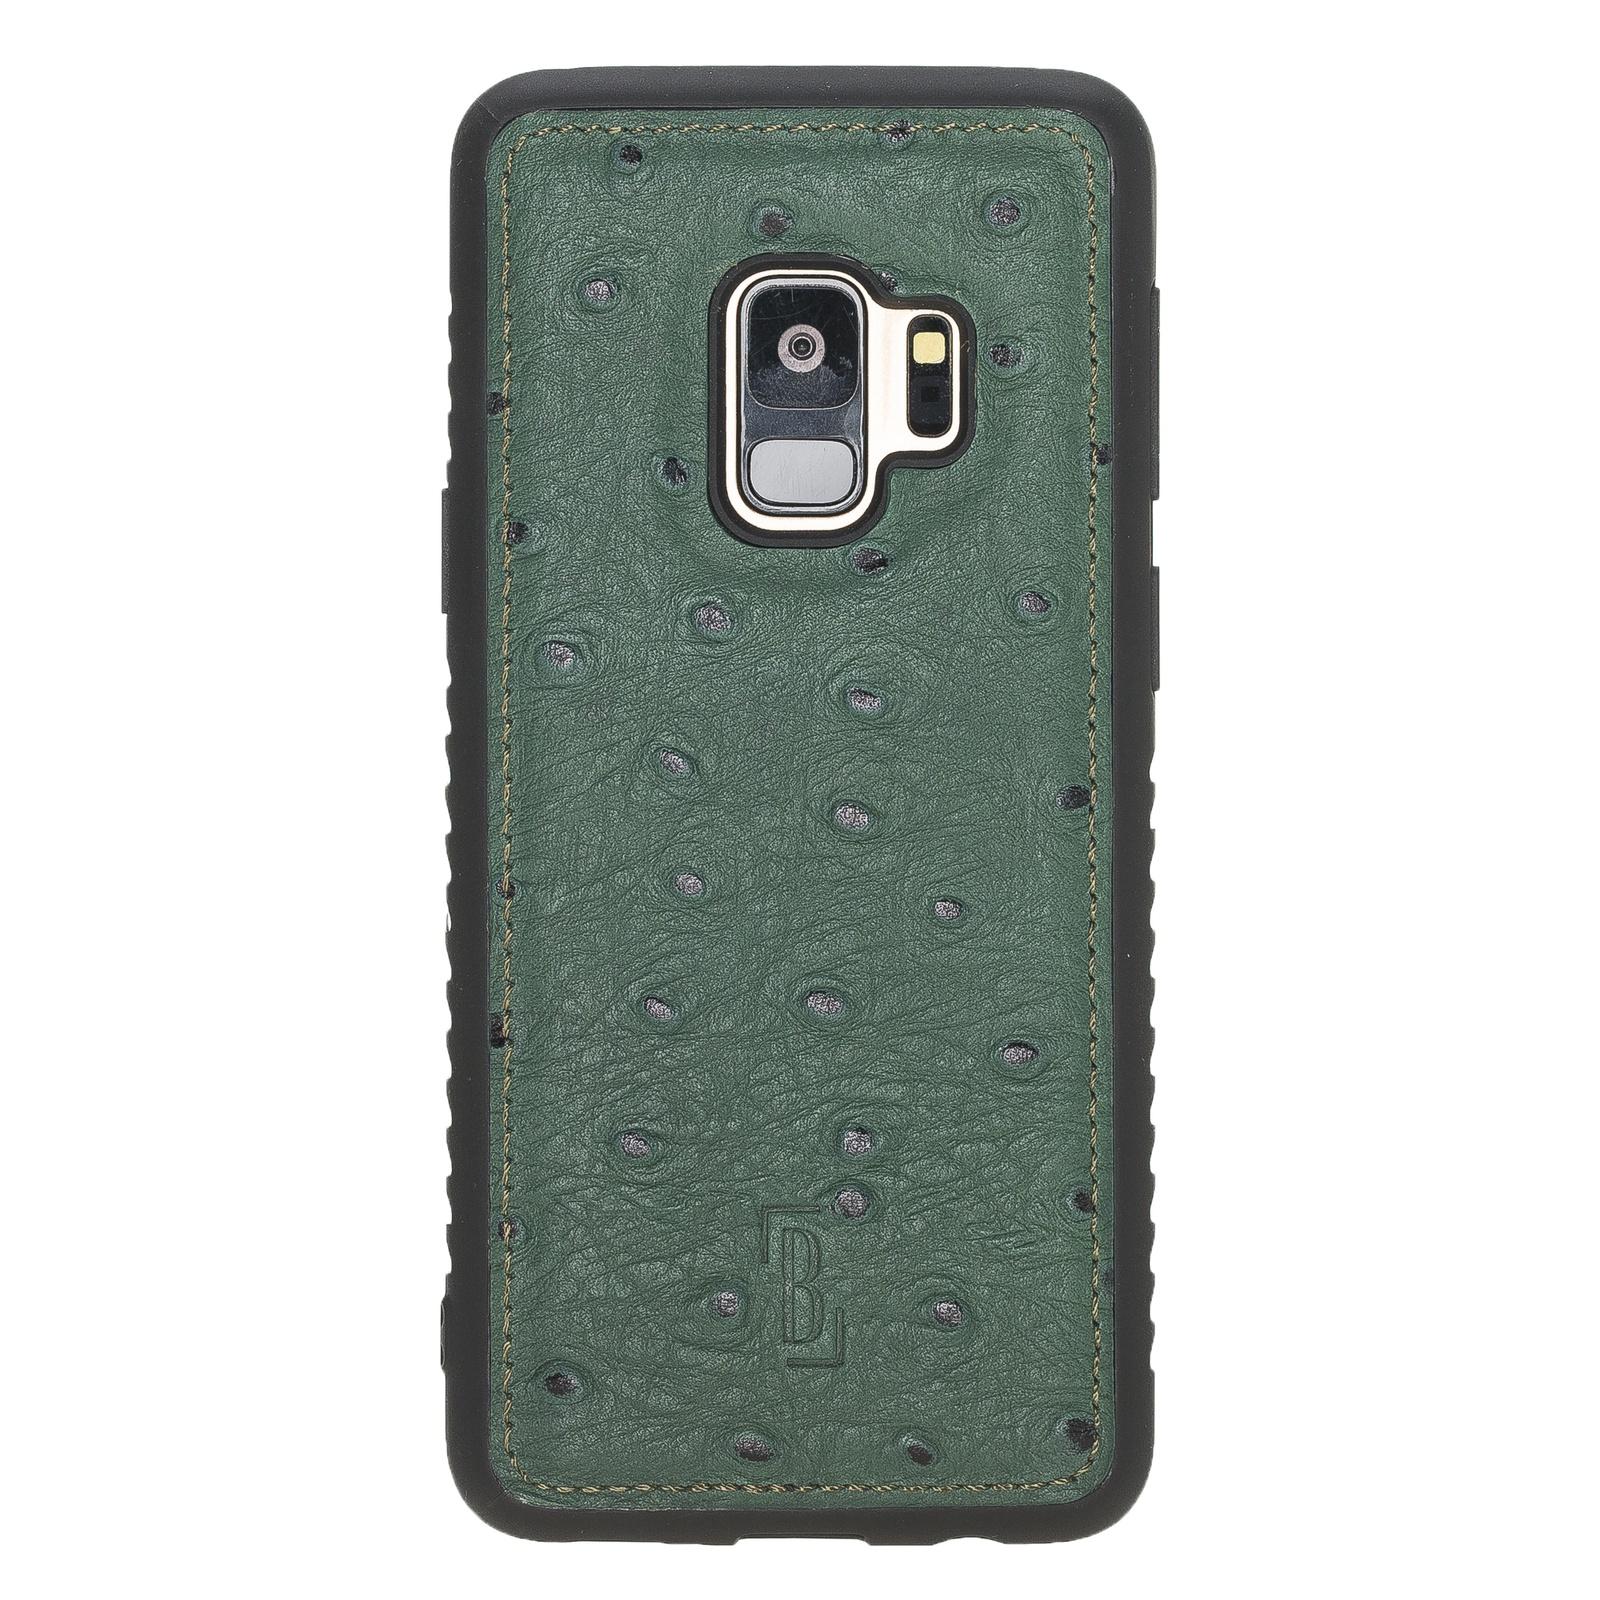 Чехол для сотового телефона Burkley для Samsung Galaxy S9 FlexCover, темно-зеленый